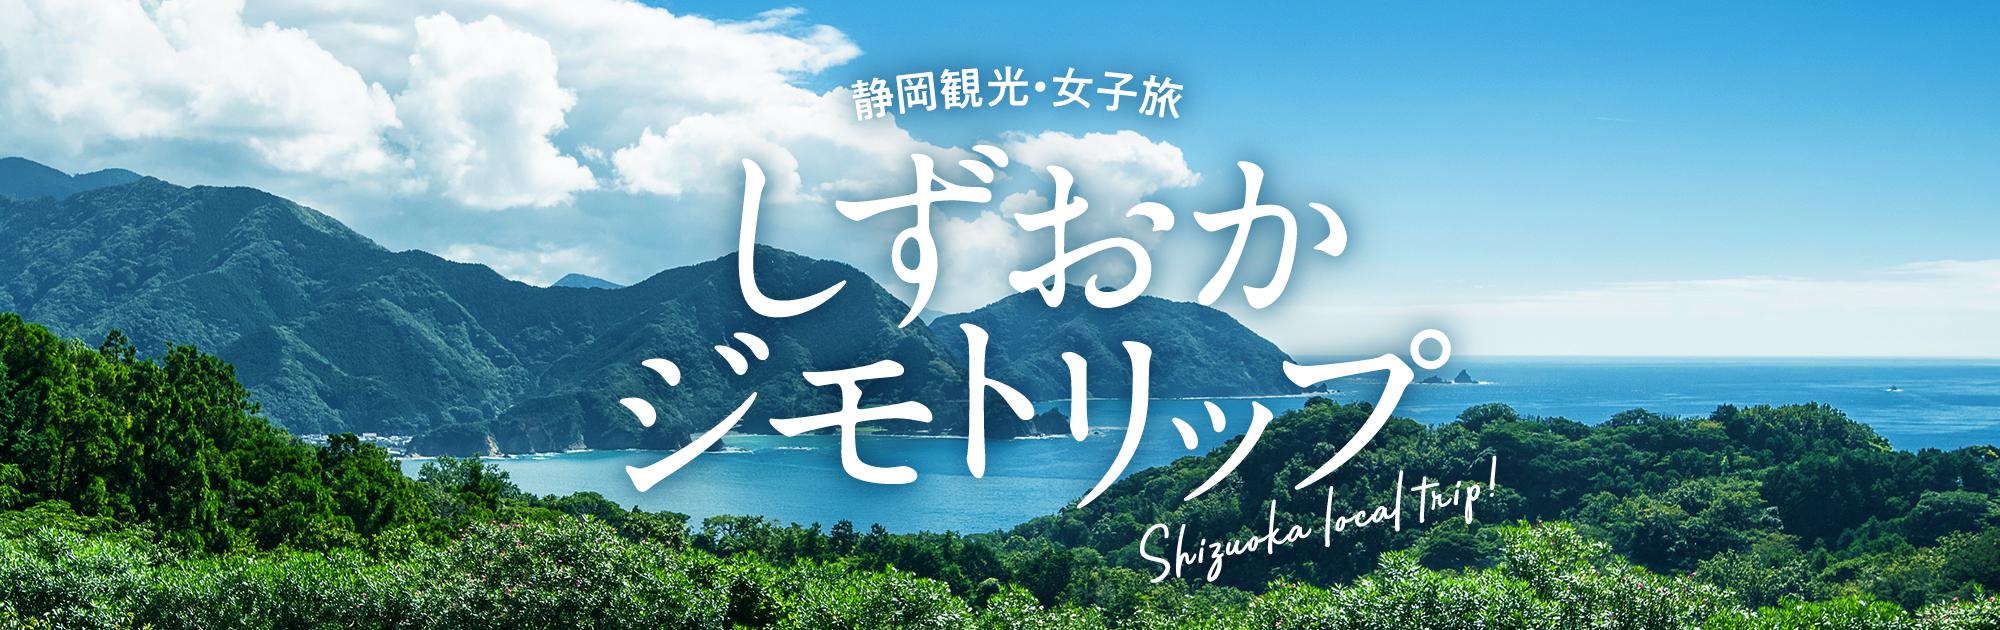 観光 東部 静岡 県